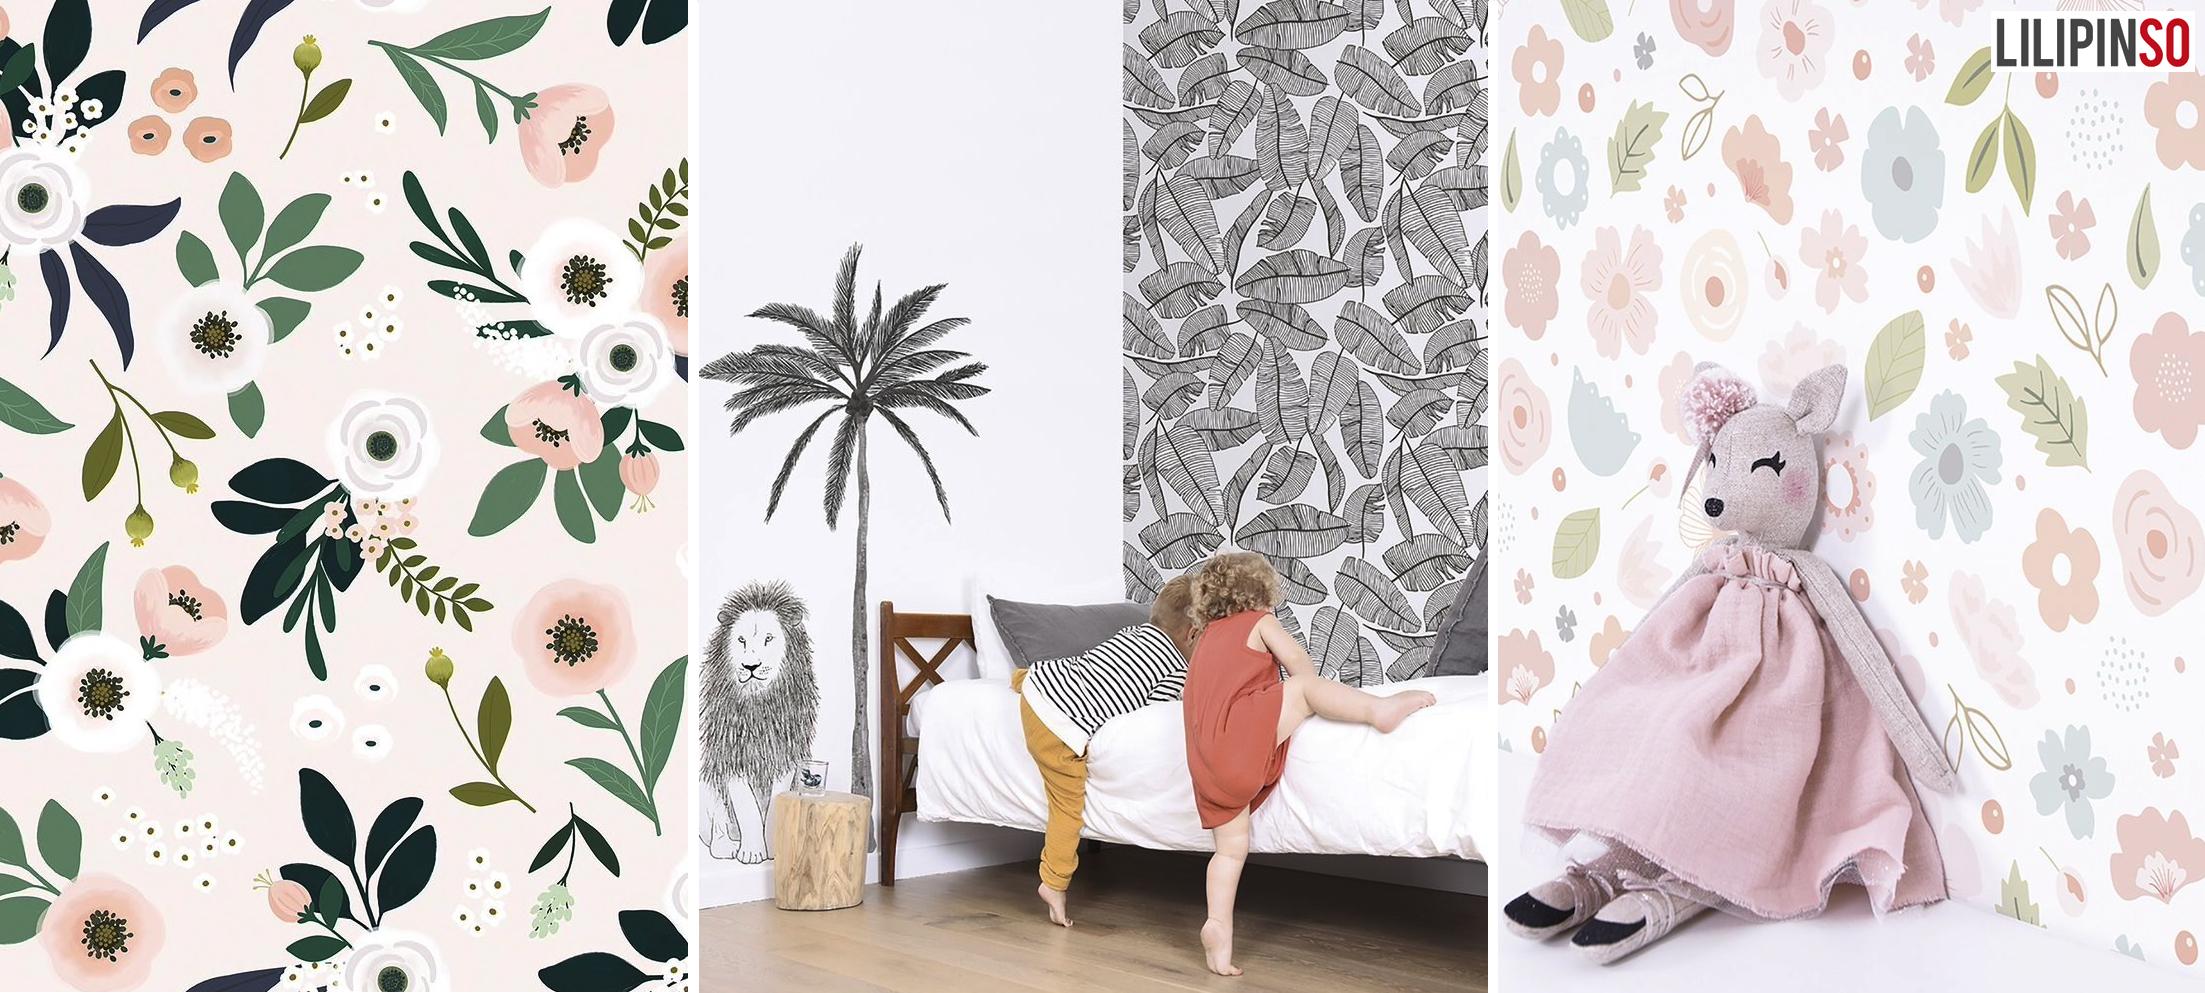 lilipinso-wallpaper-australia.jpg